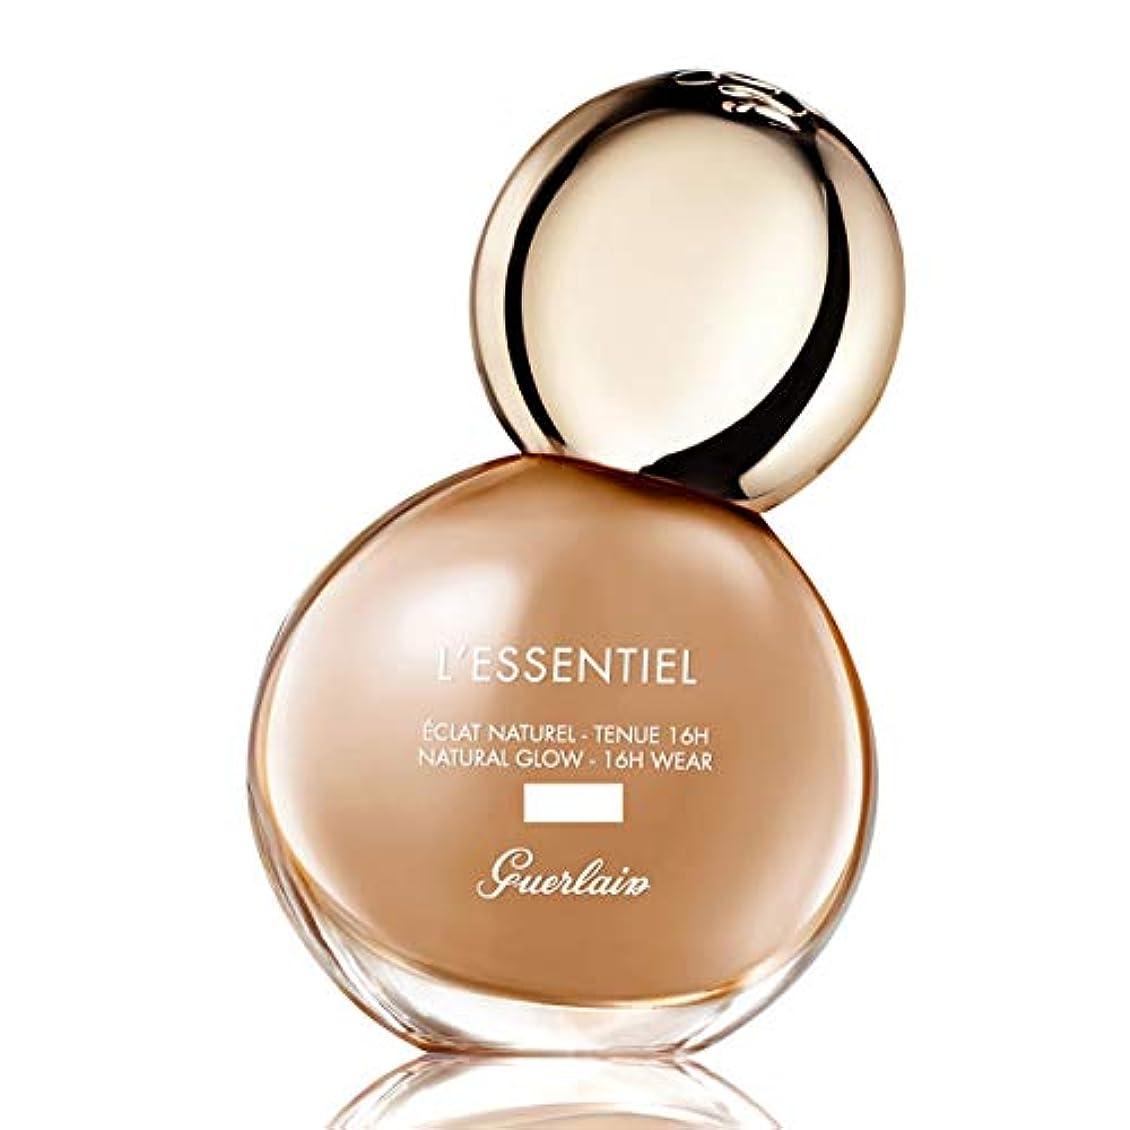 ブッシュのりスマッシュゲラン L'Essentiel Natural Glow Foundation 16H Wear SPF 20 - # 045N Amber 30ml/1oz並行輸入品